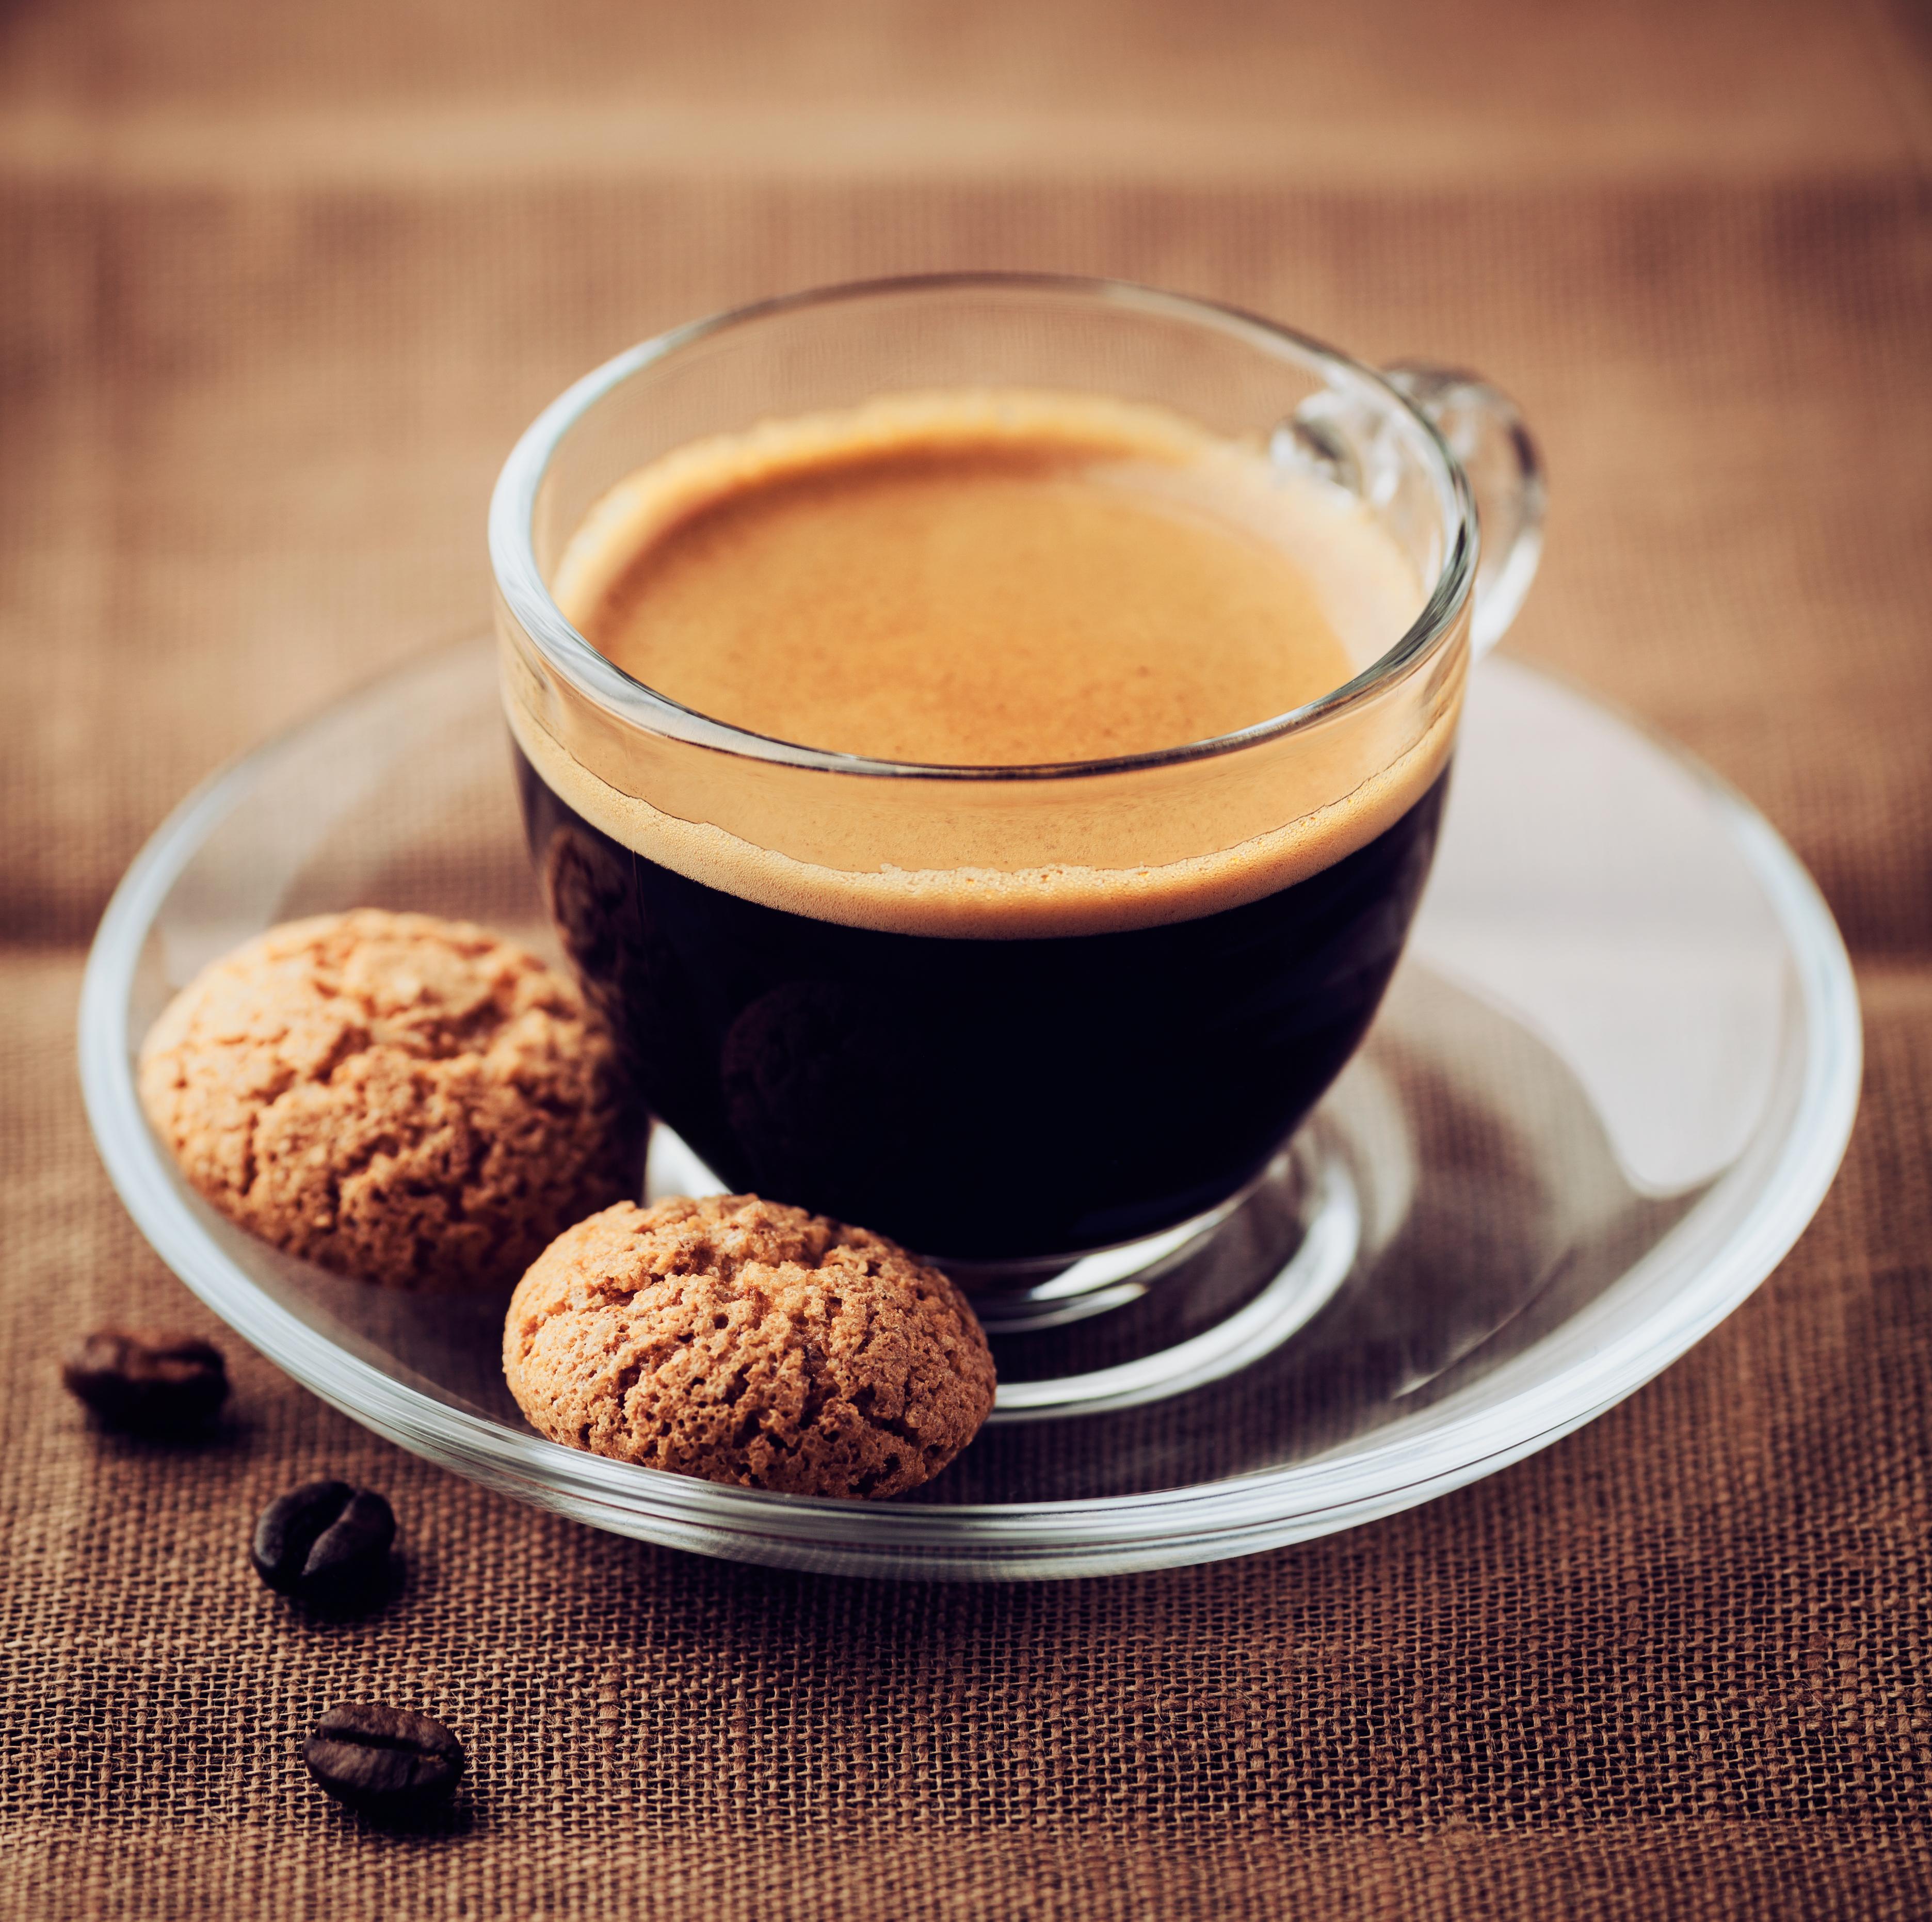 Il caffè può ridurre il rischio di demenza nelle donne?